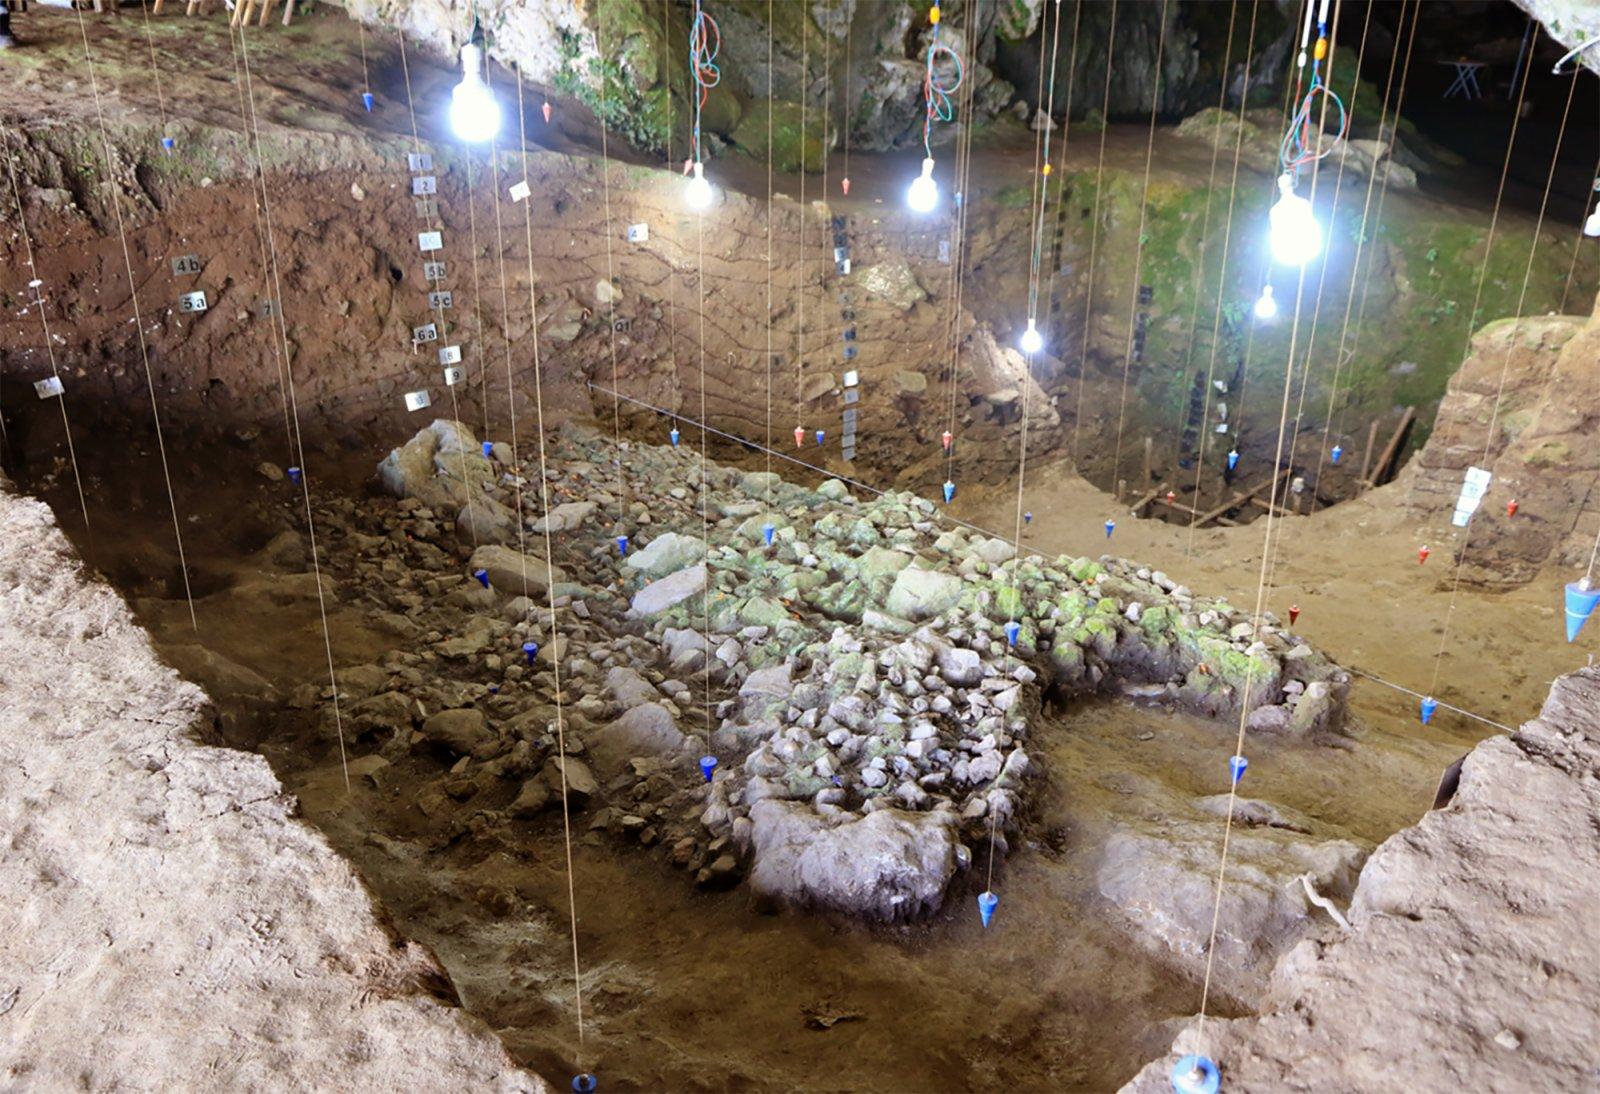 貴州貴安新區招果洞遺址發掘區(資料照片)。